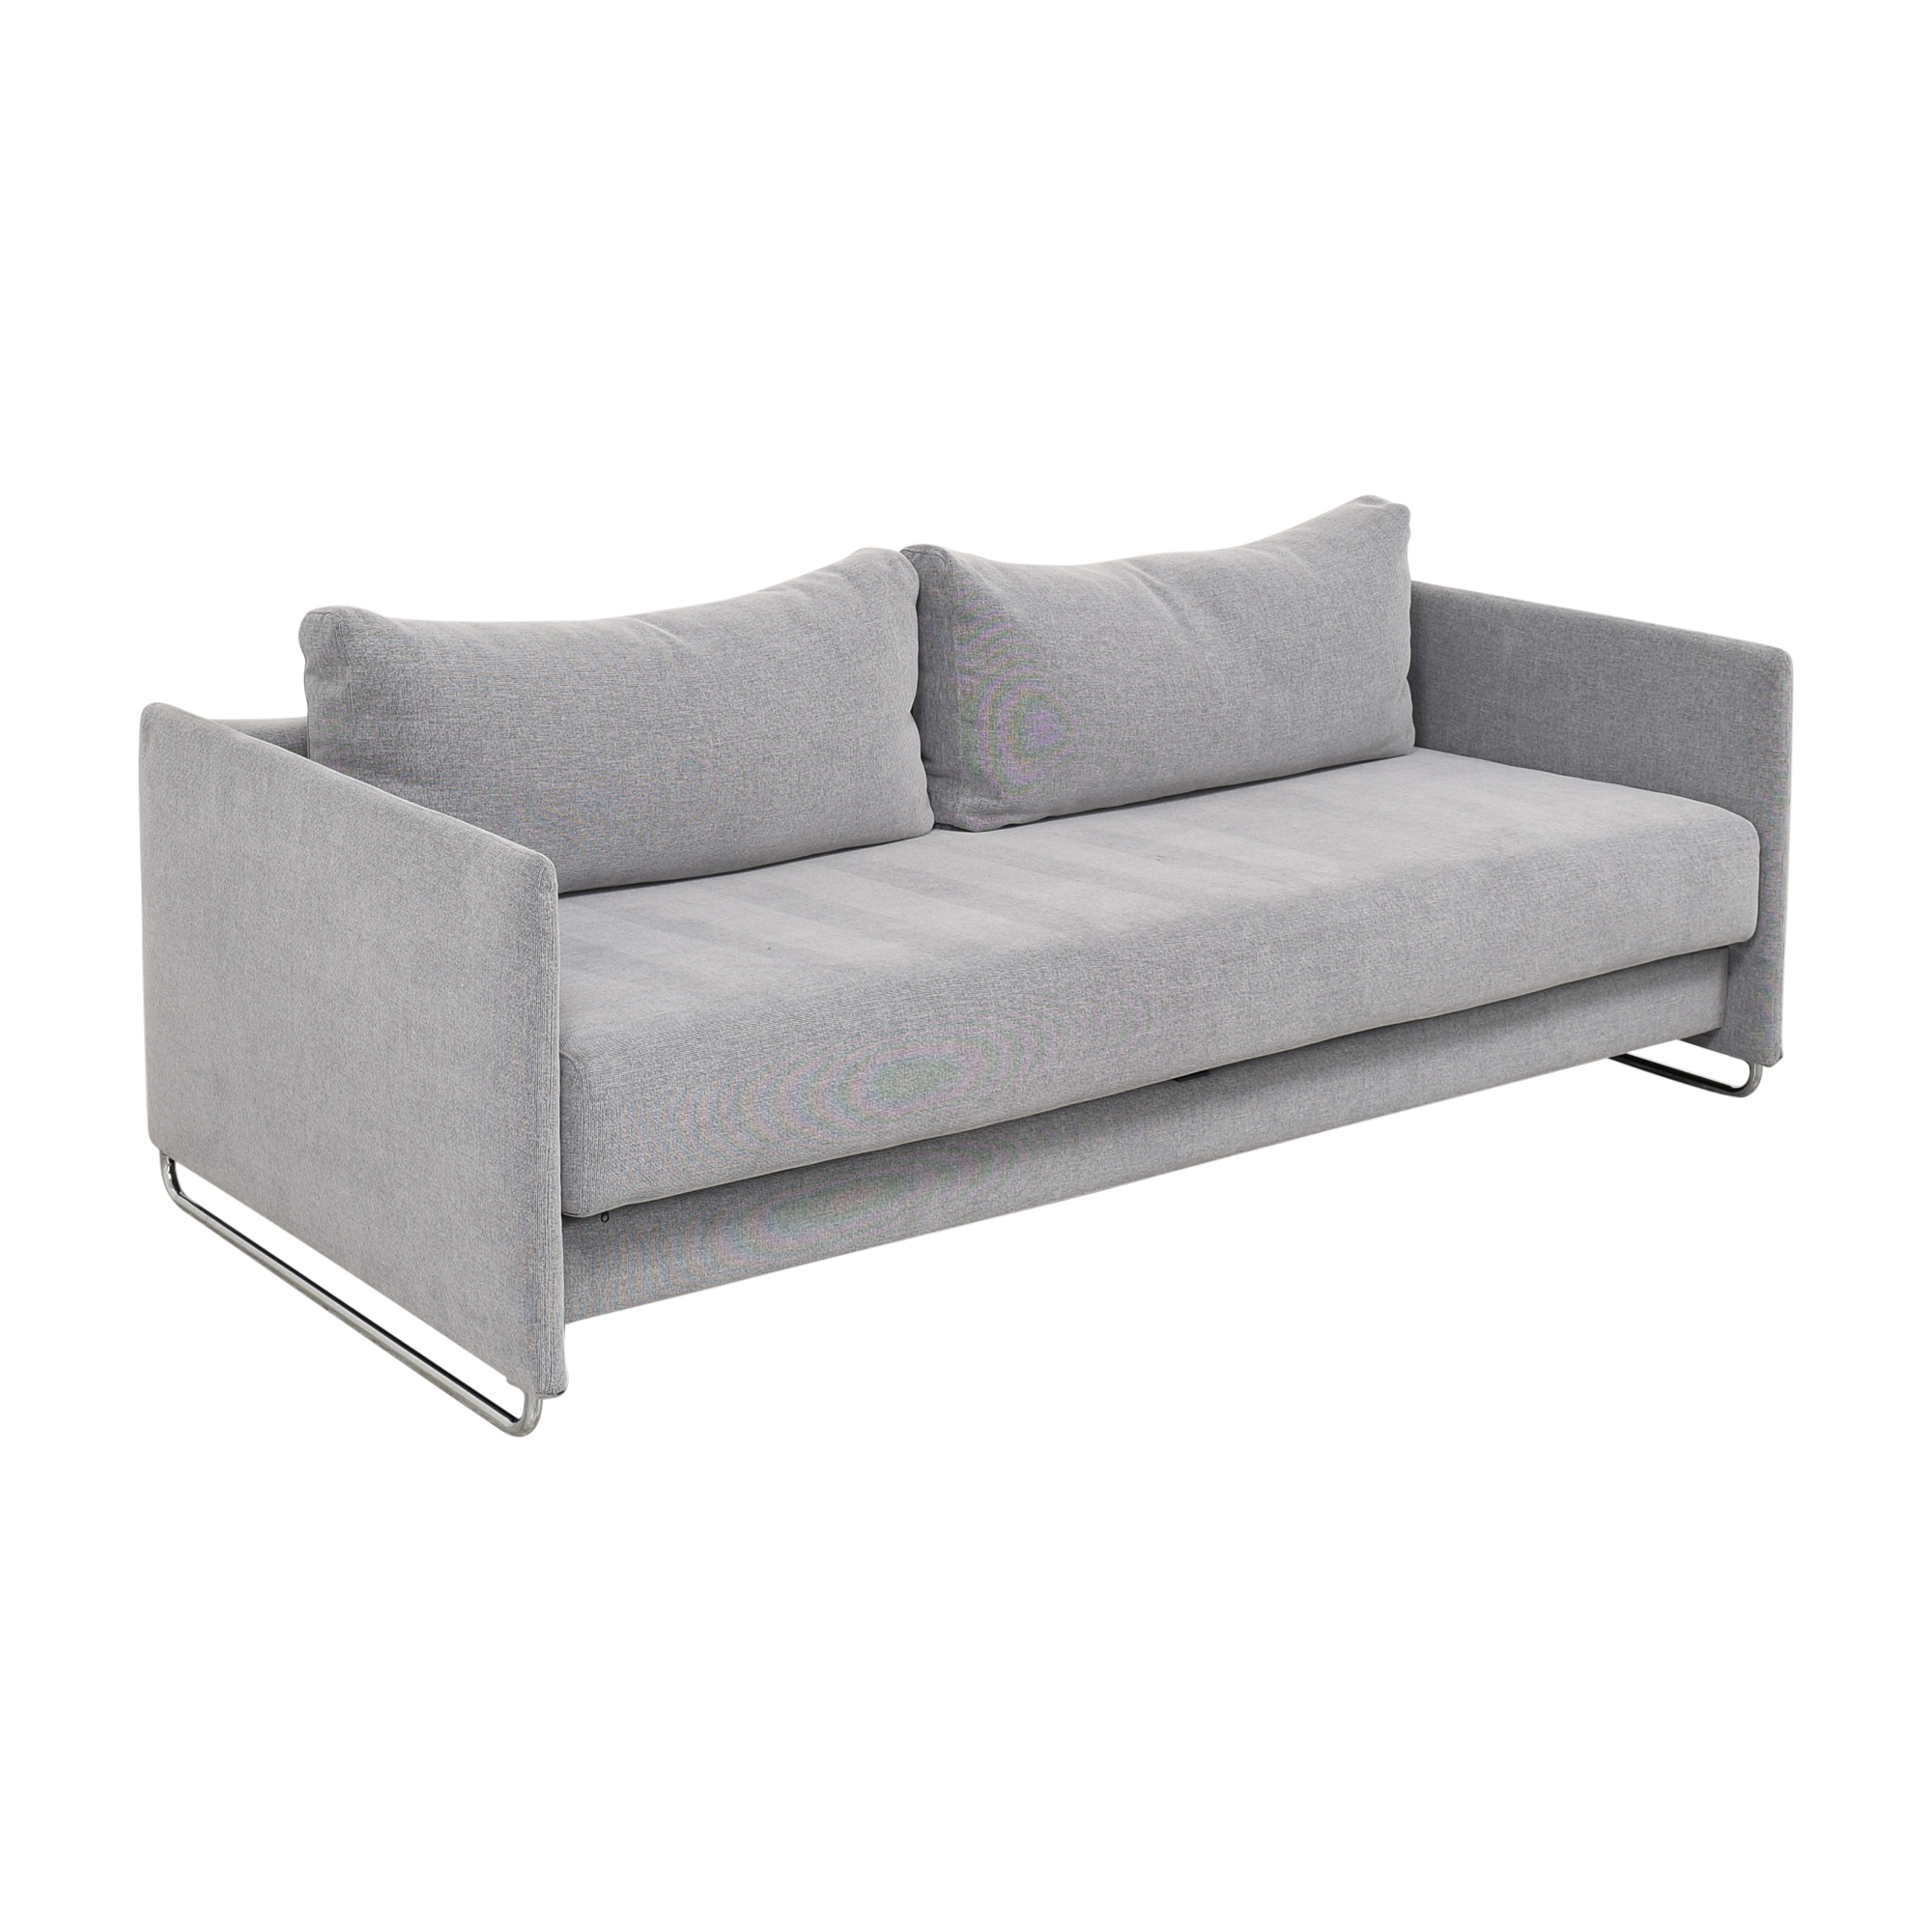 CB2 CB2 Tandom Microgrid Sleeper Sofa Classic Sofas